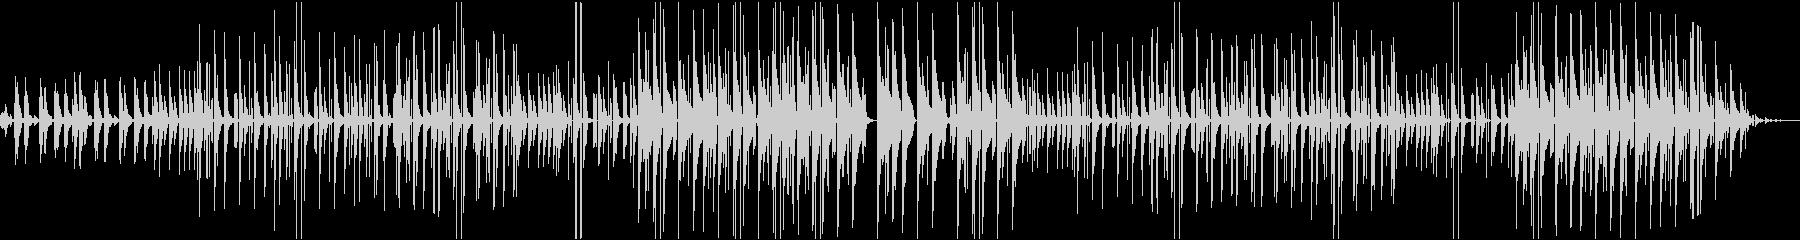 ピアノのヒップホップビートの未再生の波形